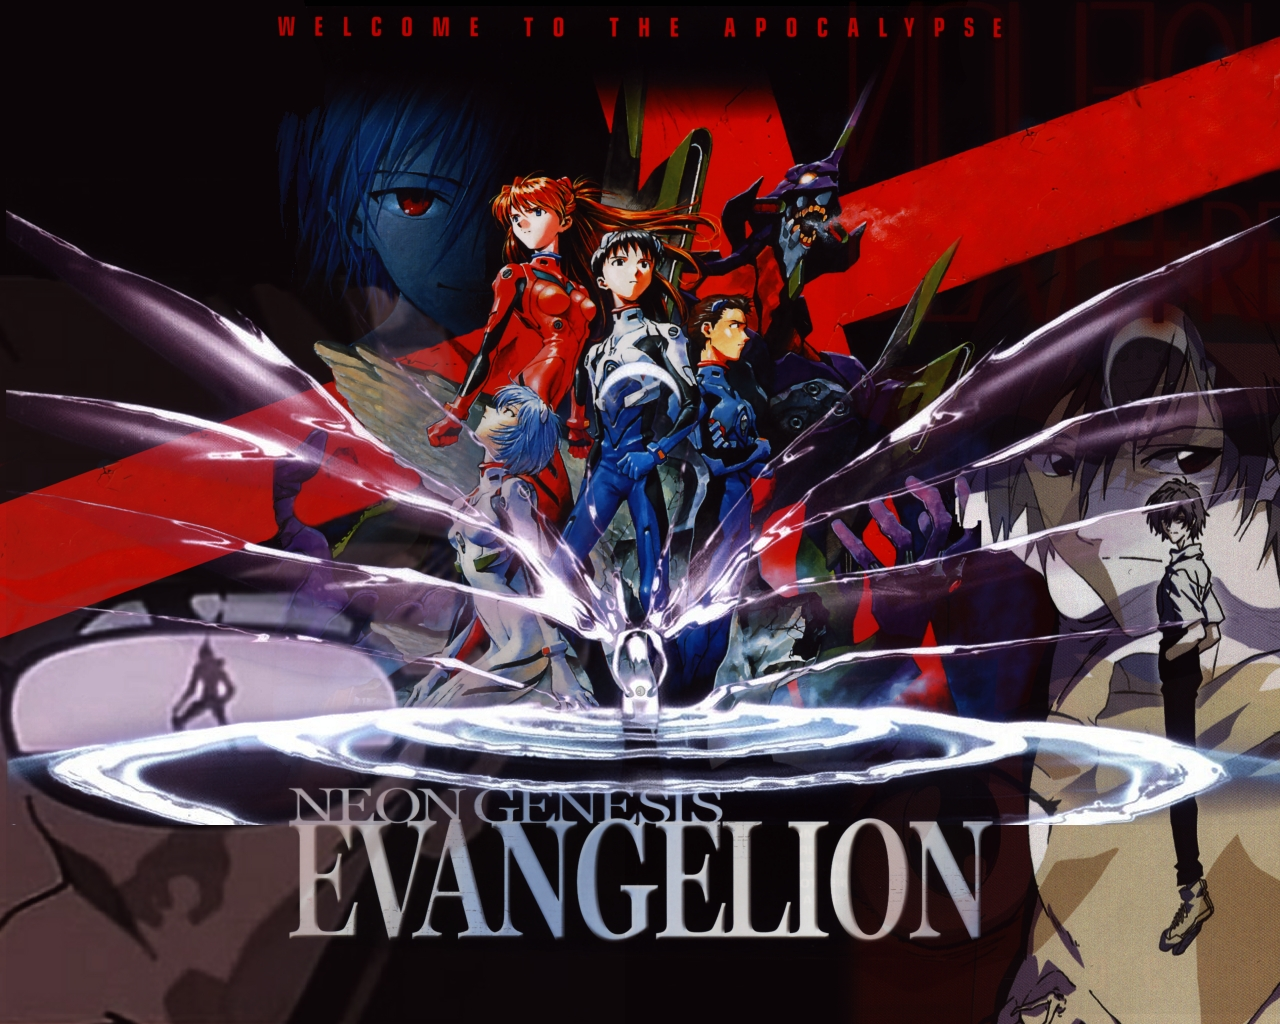 Neon Genesis Evangelion Wallpapers Anime Hq Neon Genesis